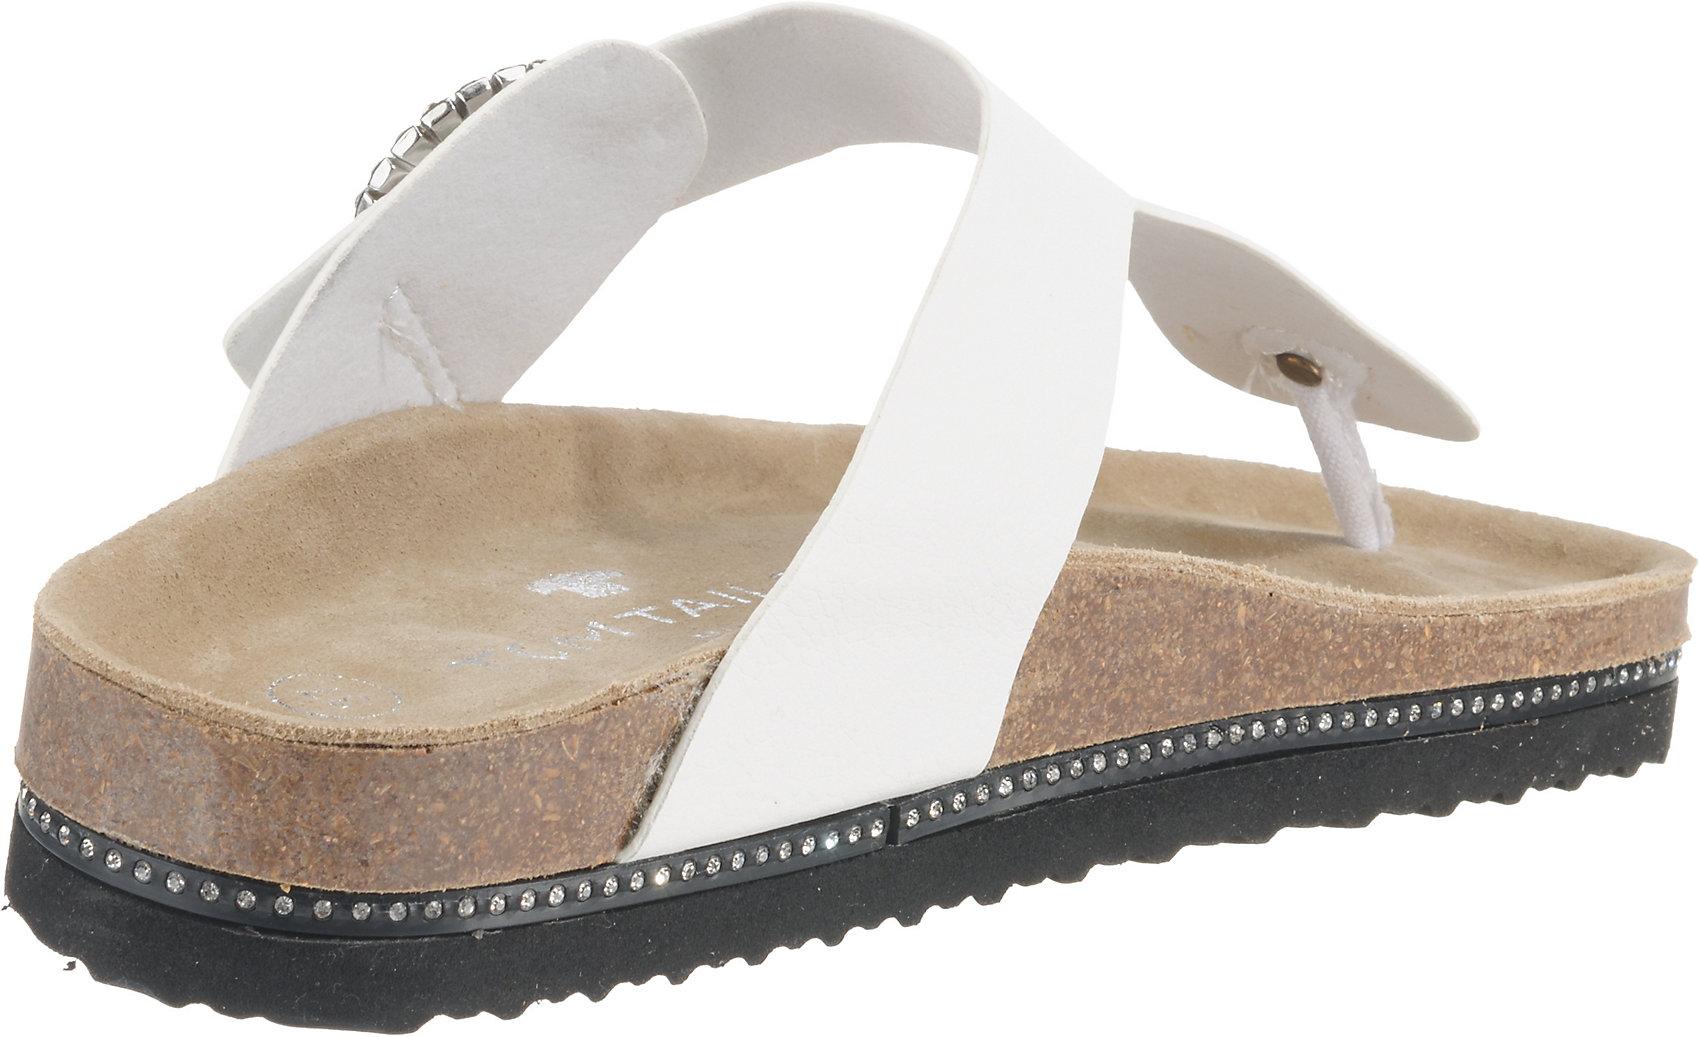 on sale e1486 25779 Details zu Neu TOM TAILOR Zehentrenner 9555140 für Damen weiß schwarz